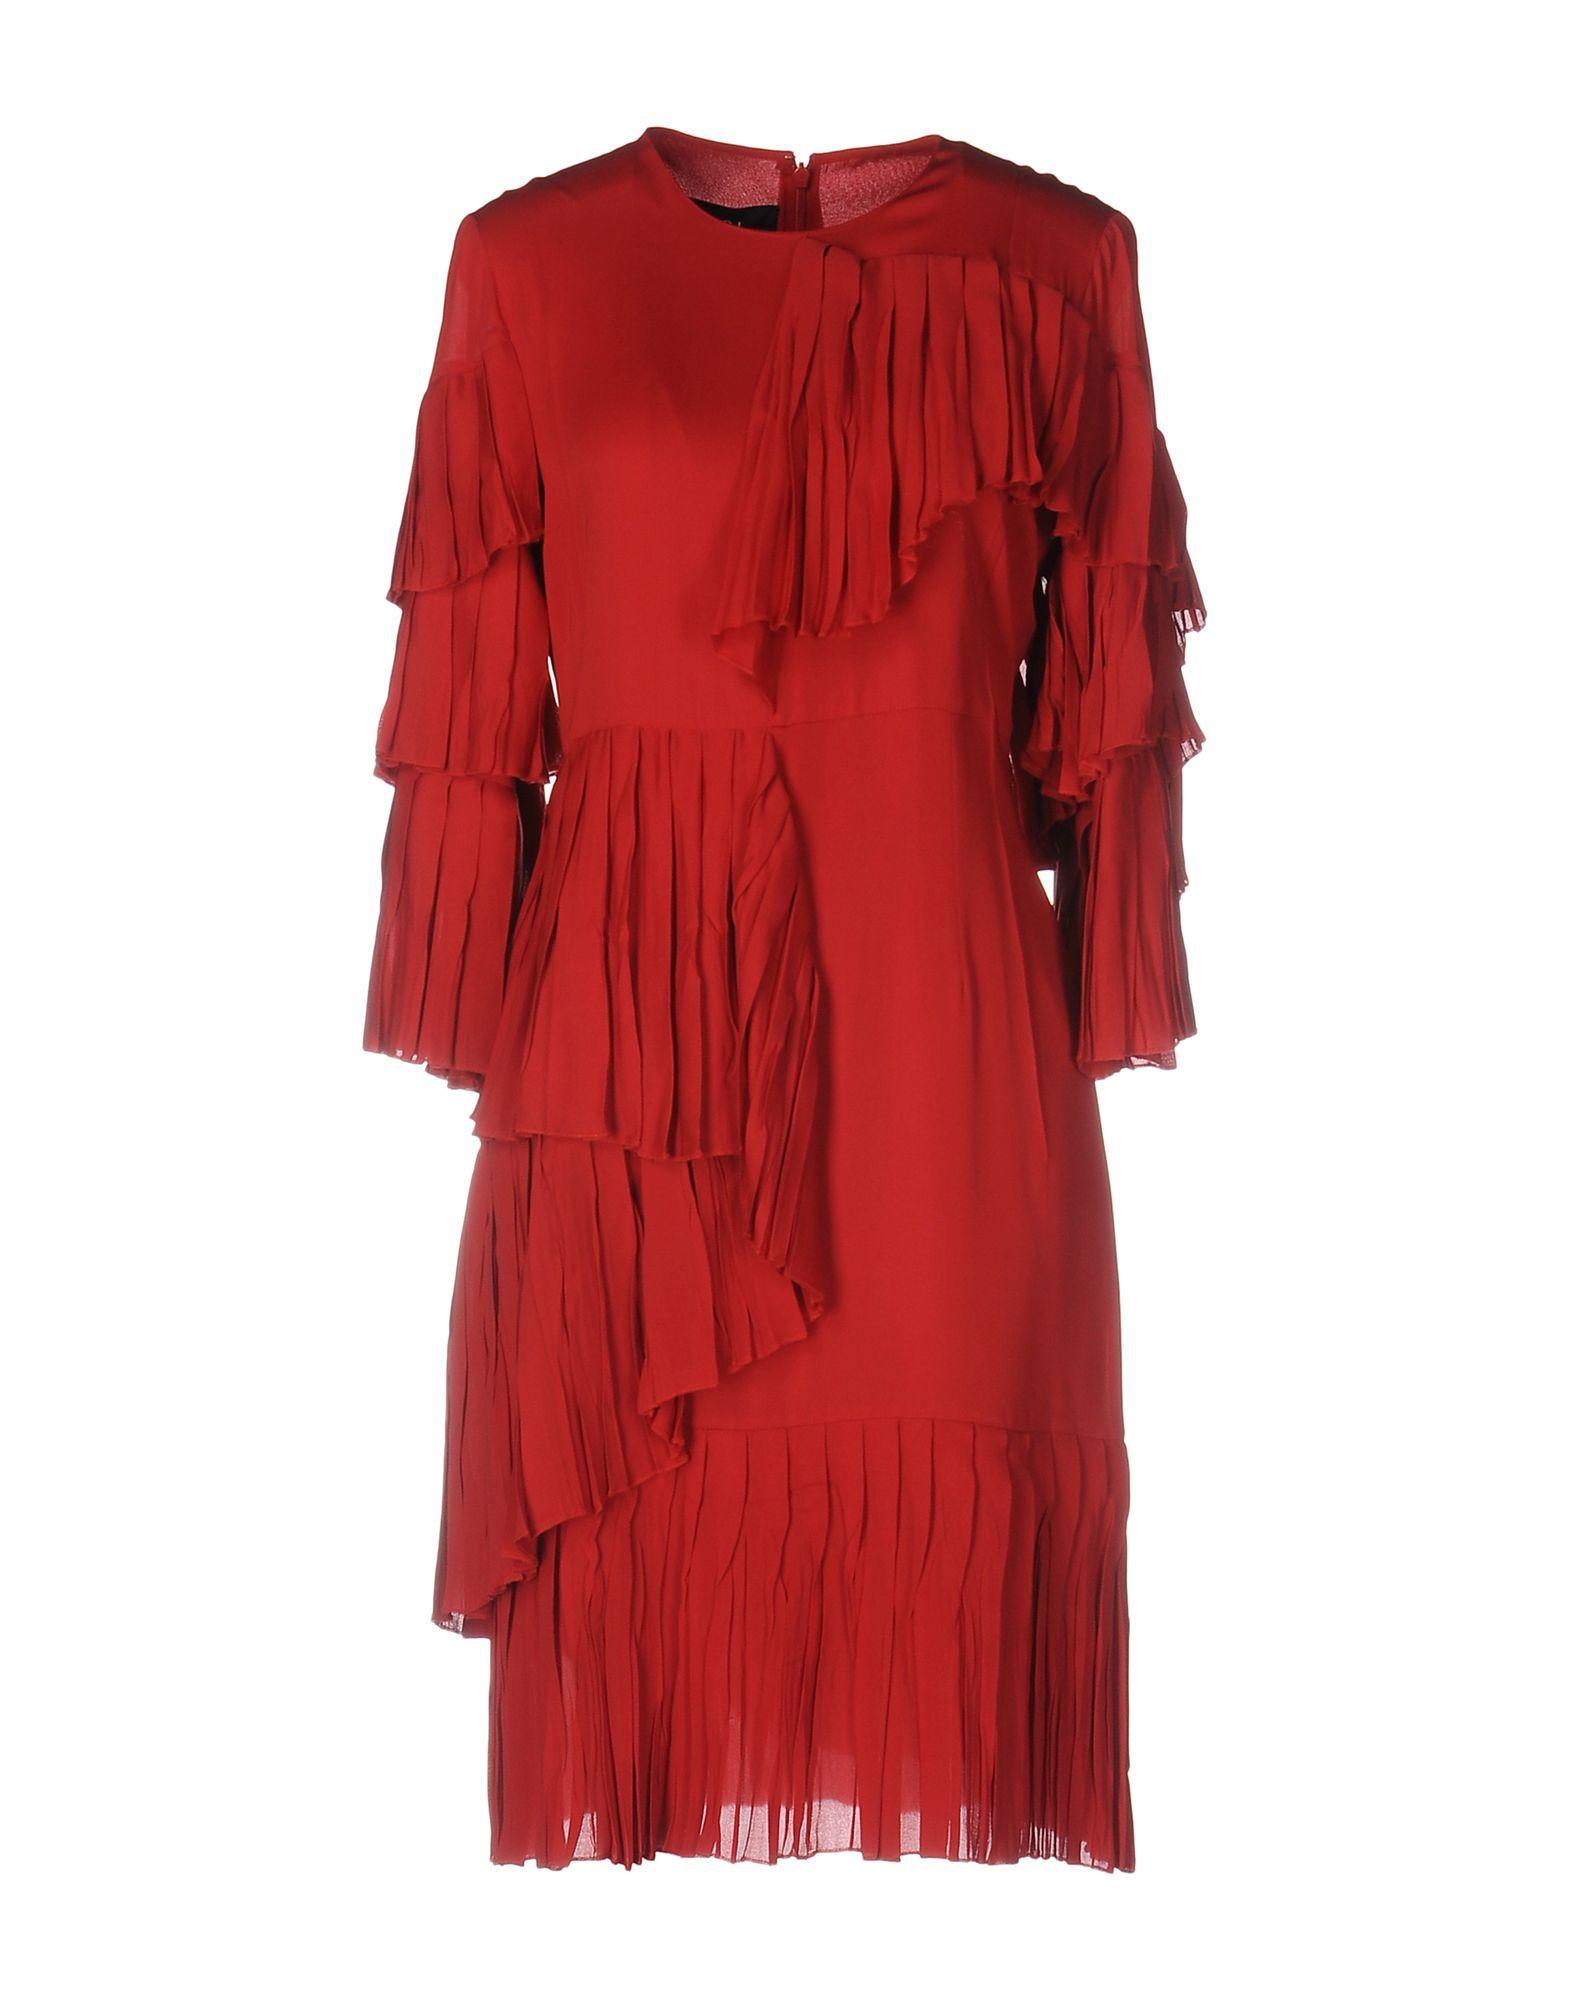 GUCCI Damen Kurzes Kleid Farbe Rot Größe 4